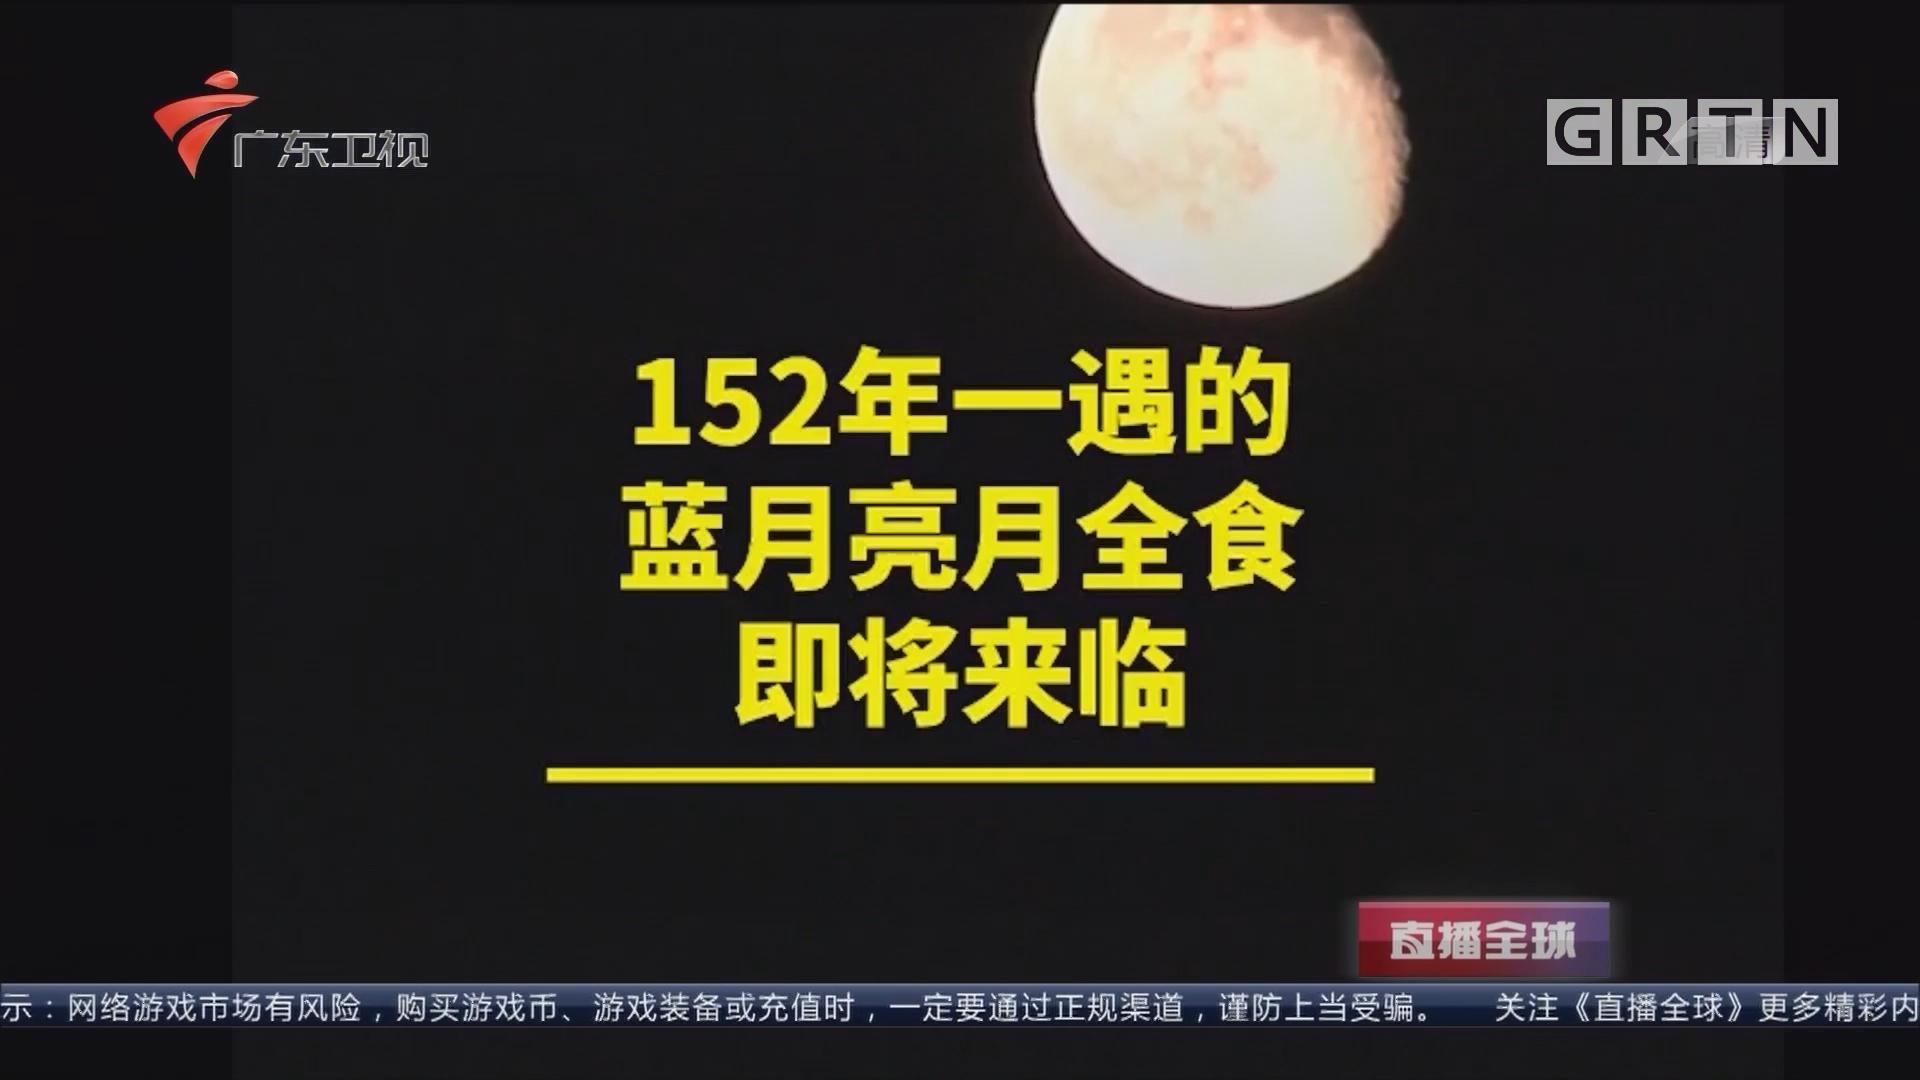 """1月底将再现""""超级月亮"""":152年一遇"""